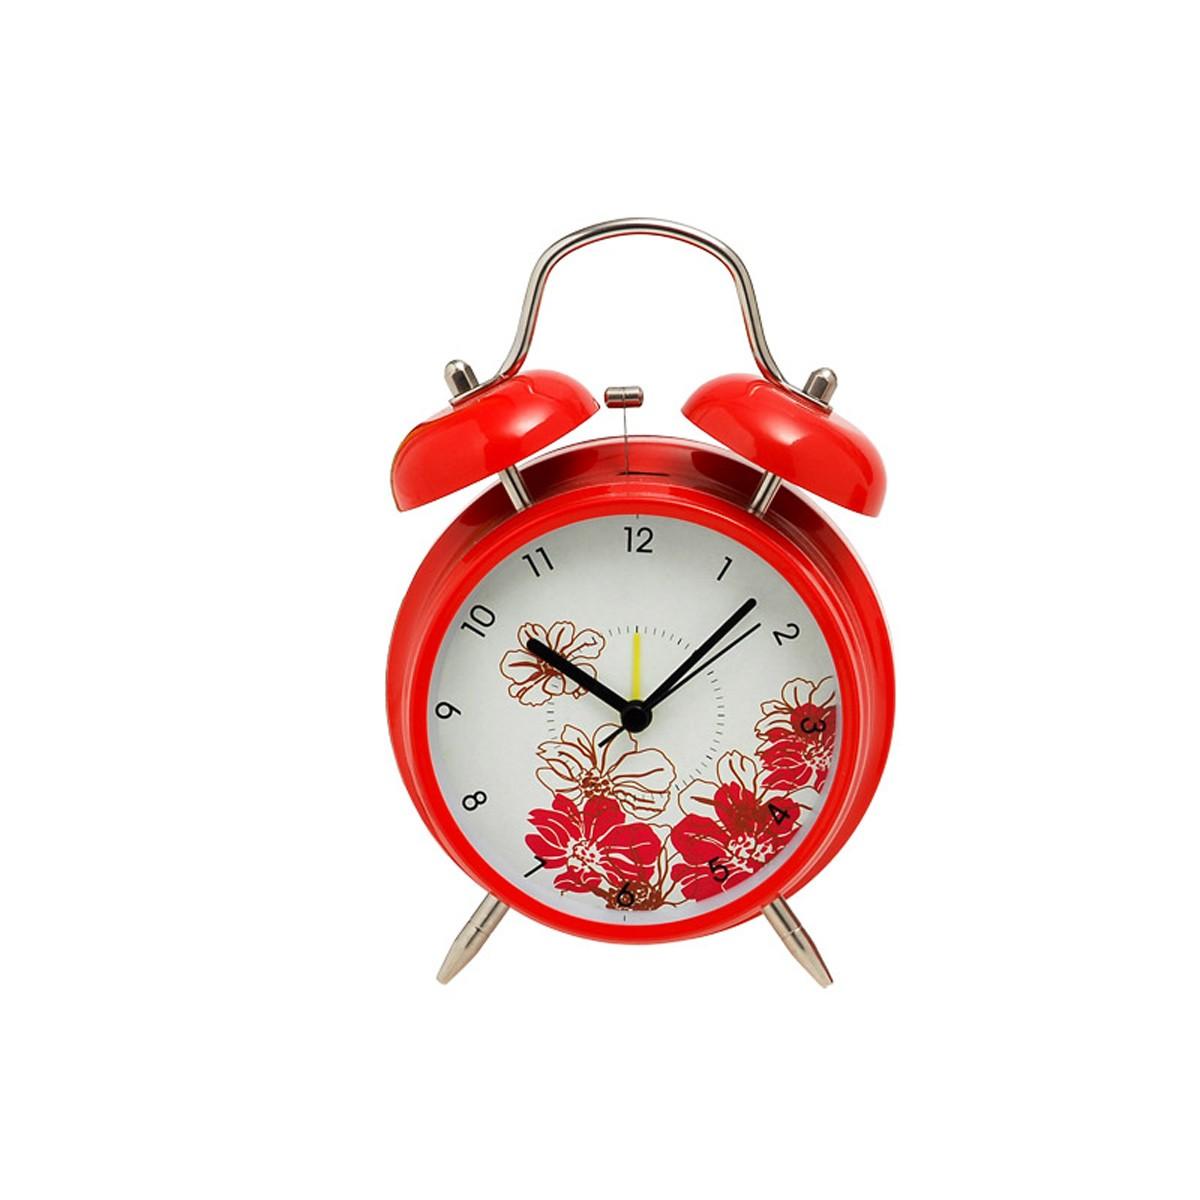 Επιτραπέζιο Ρολόι - Ξυπνητήρι Home Design DAN40/4R Red